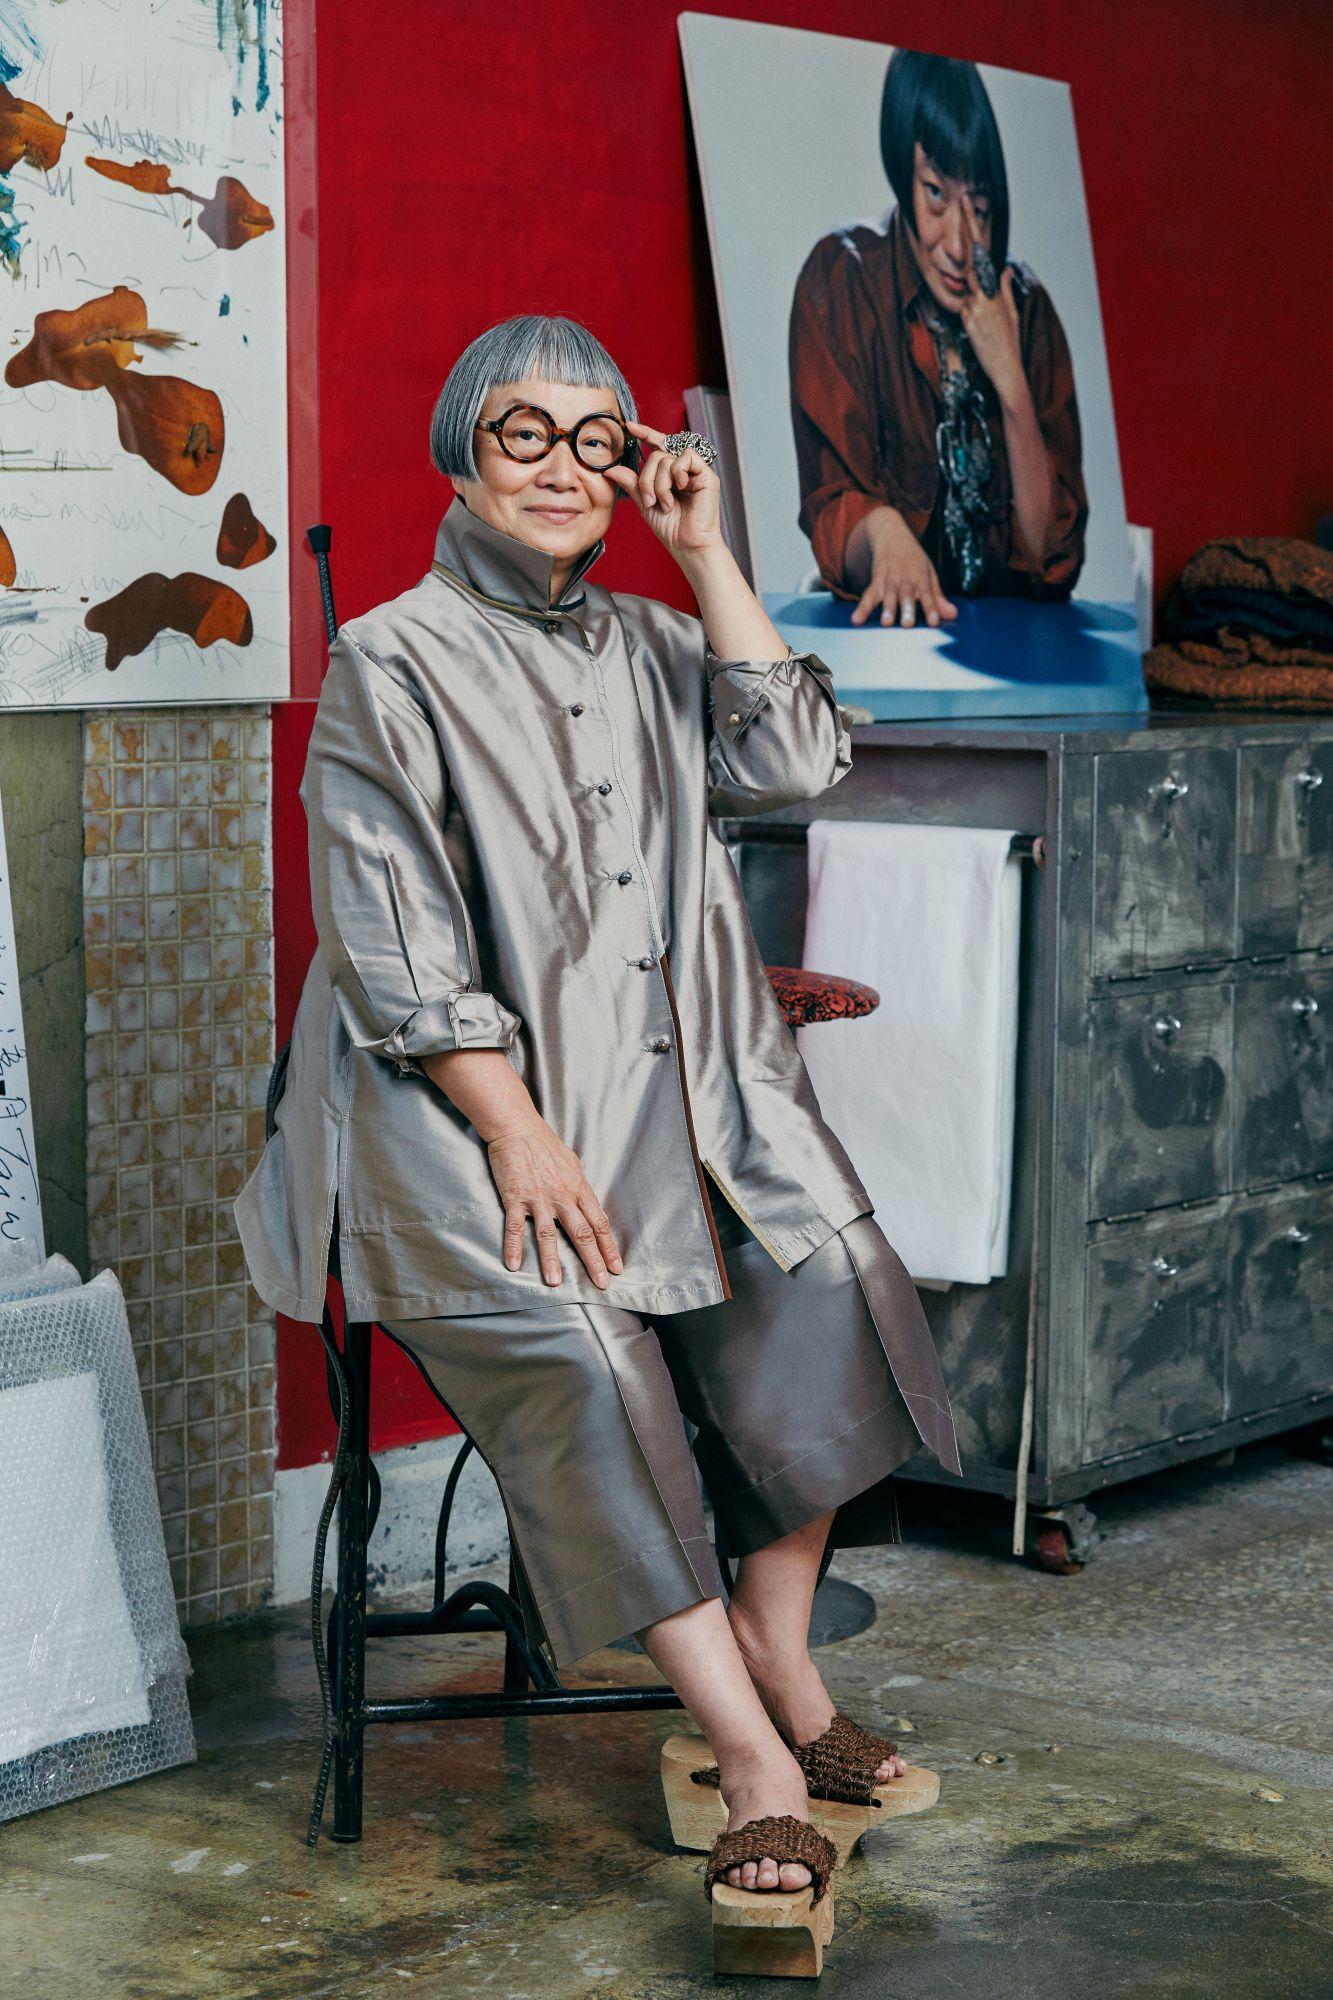 征服法國的台灣文化推手!設計師洪麗芬Sophie HONG從美好生活出發,實踐工藝與服裝的無限可能